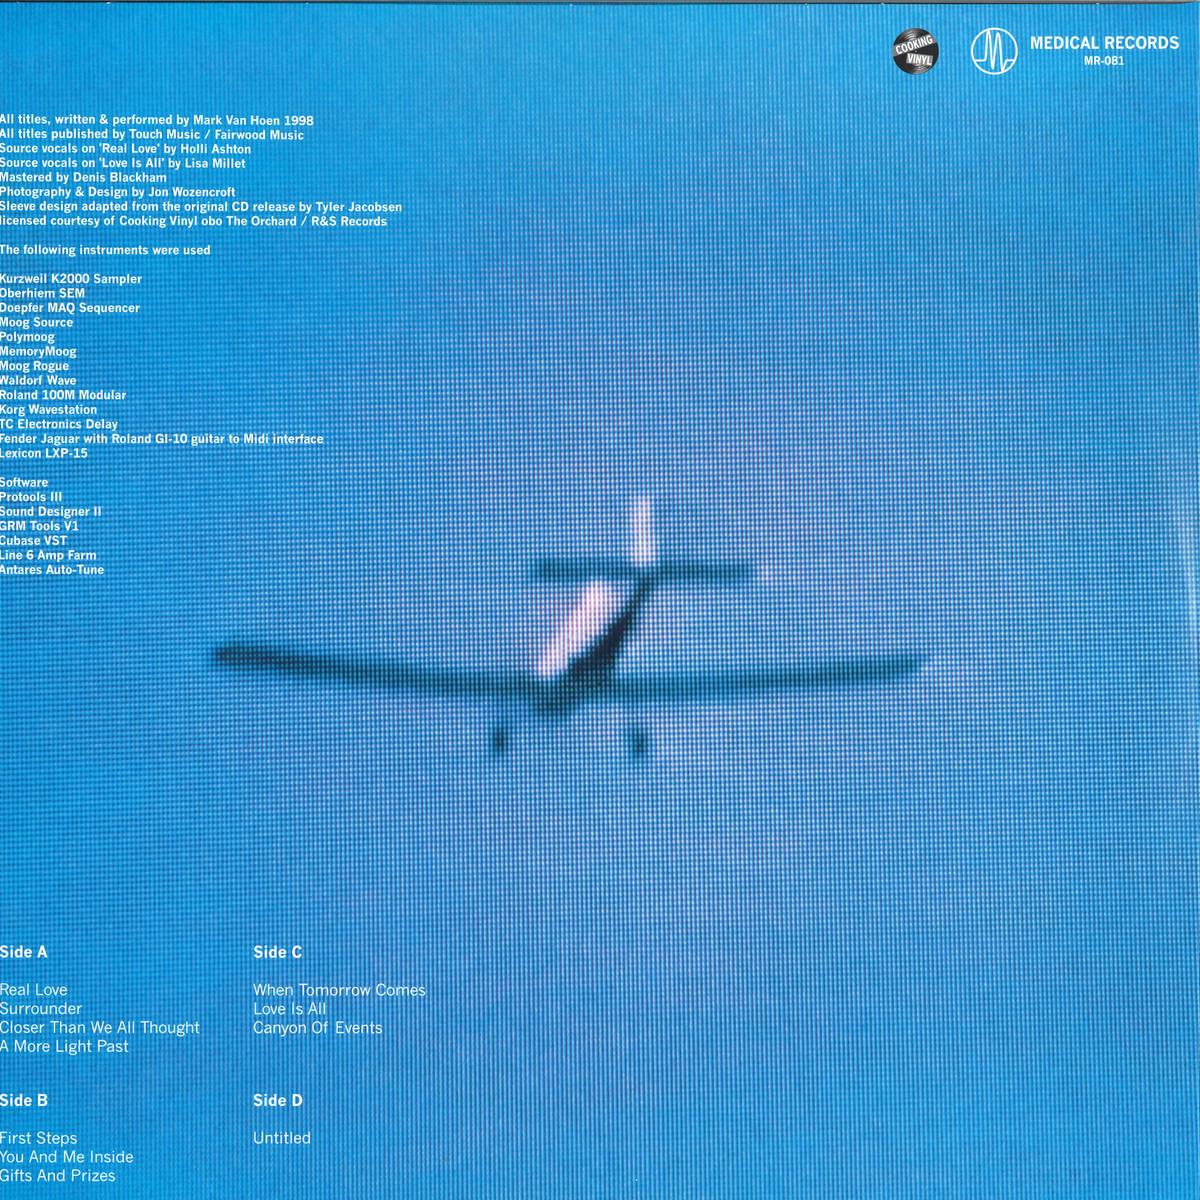 deejay de - Medical Records